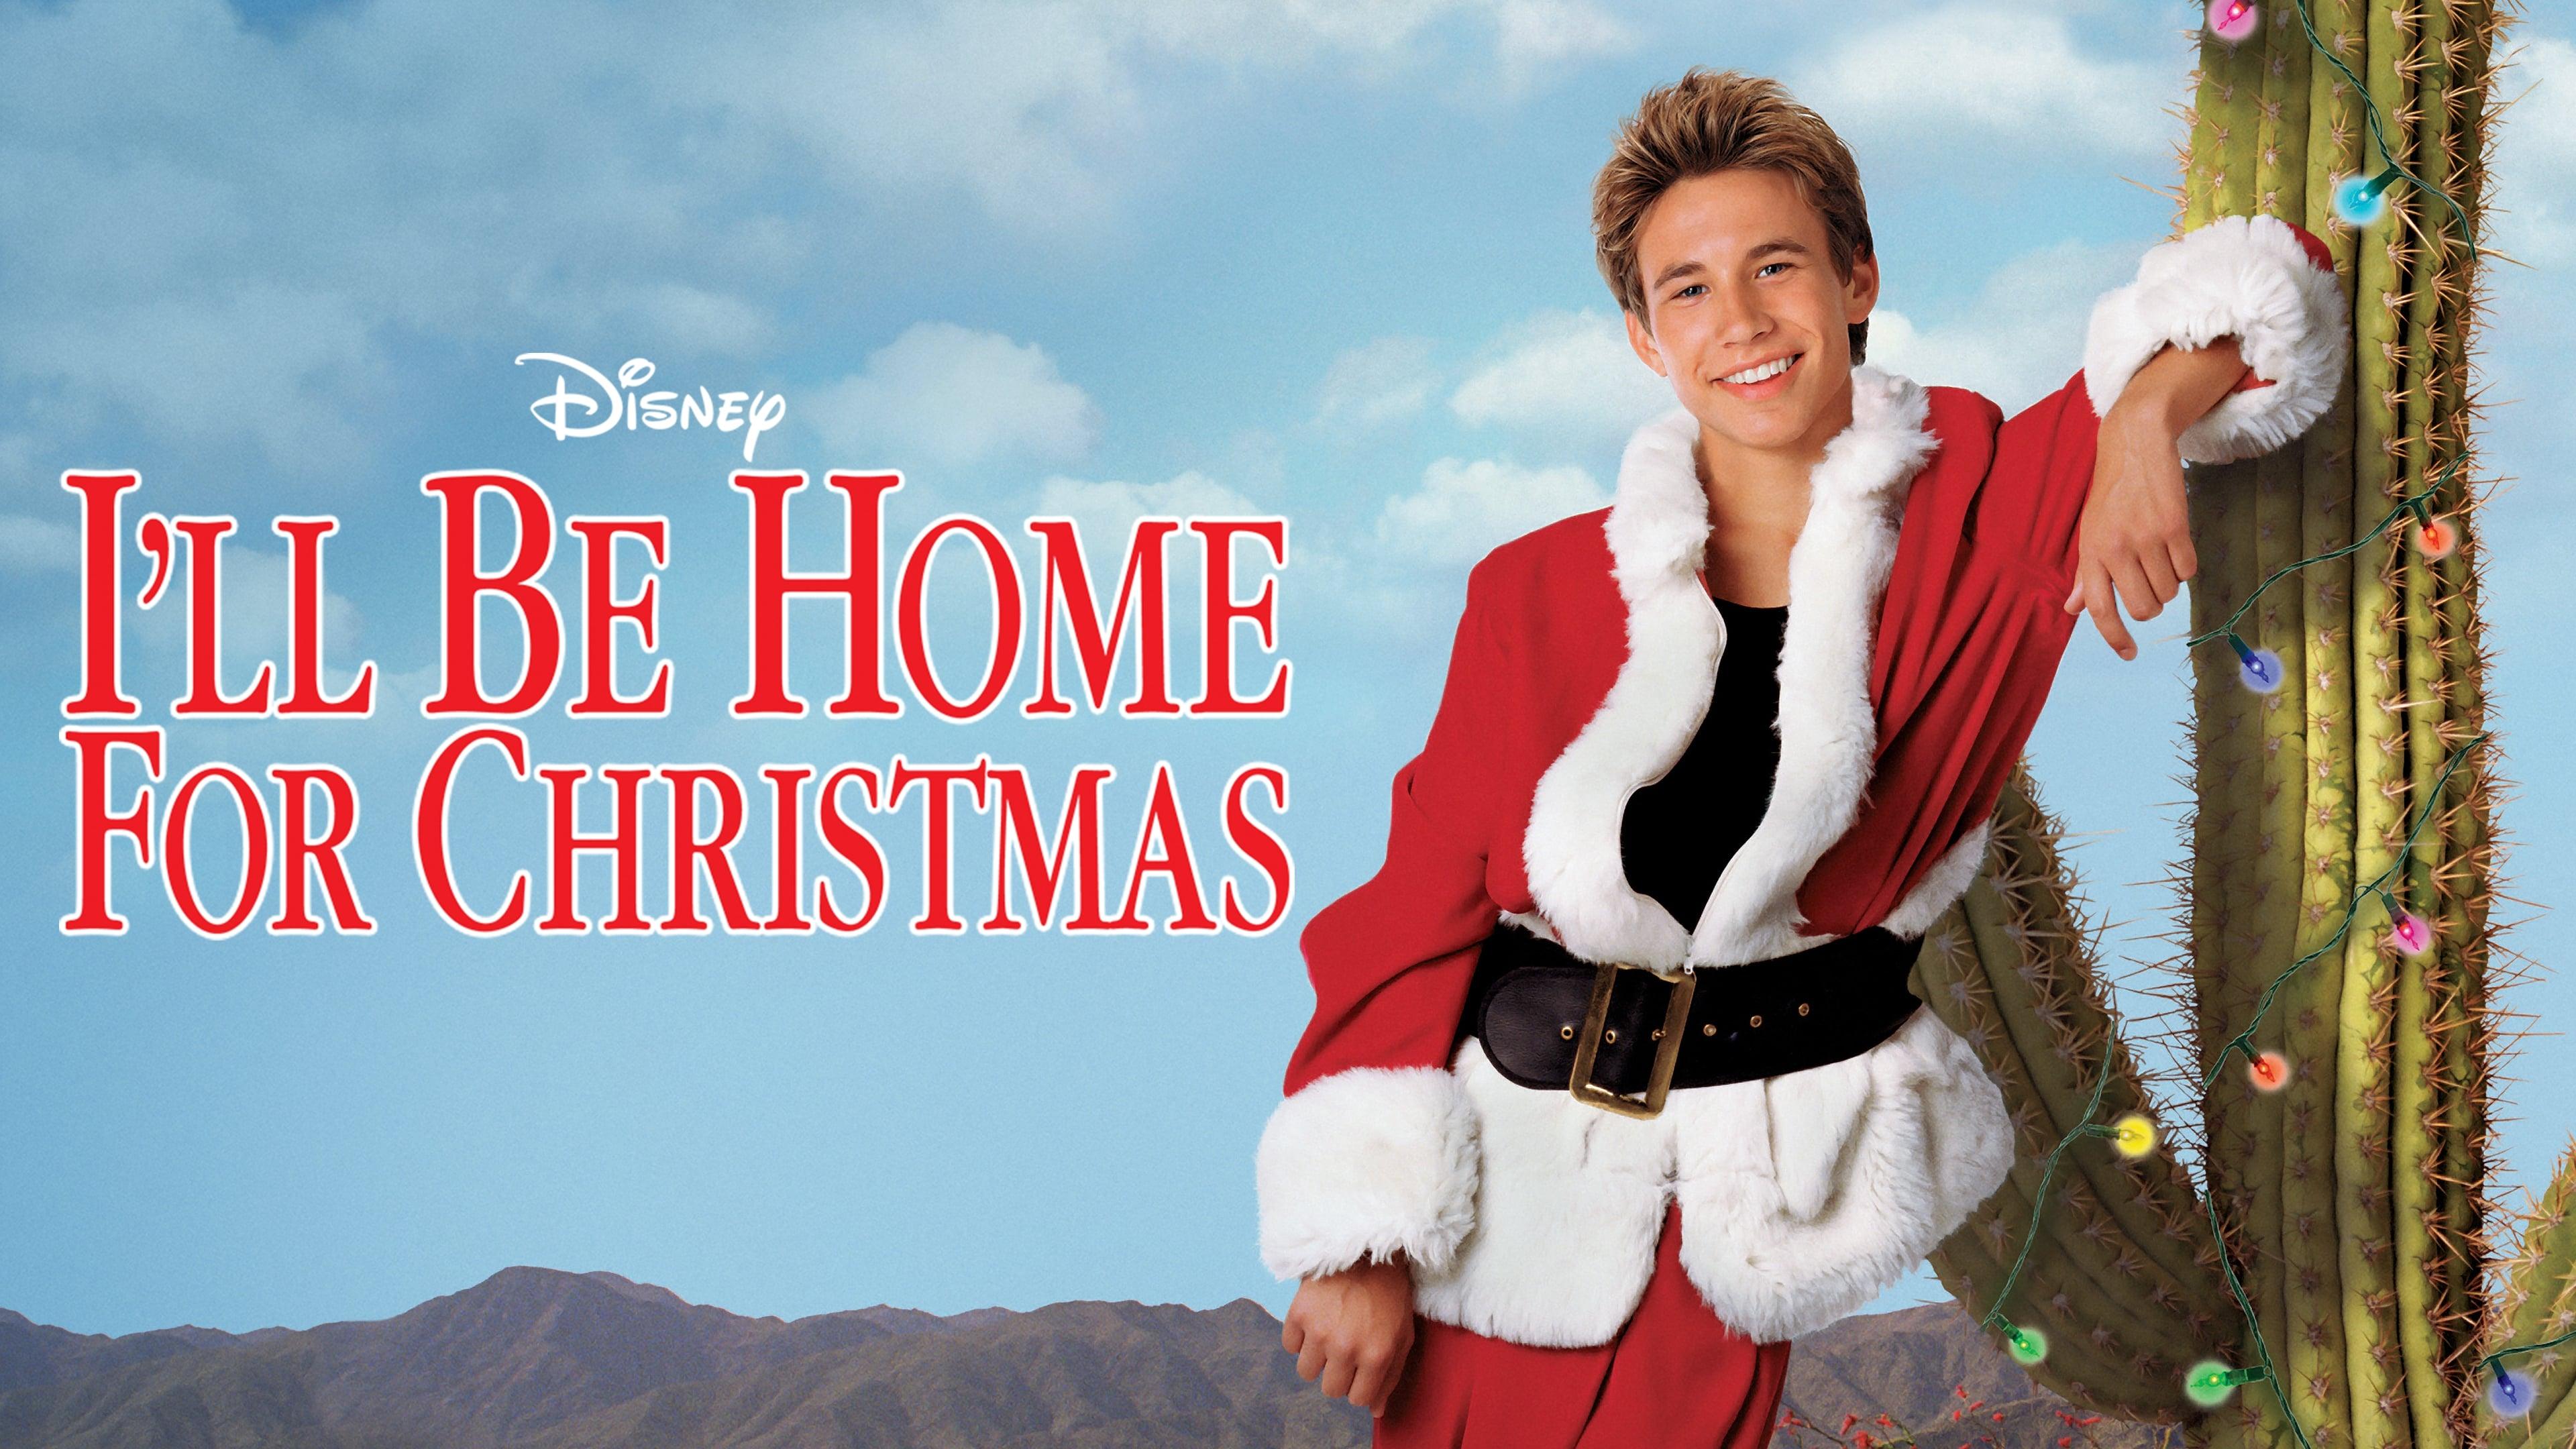 Estaré en casa para navidad